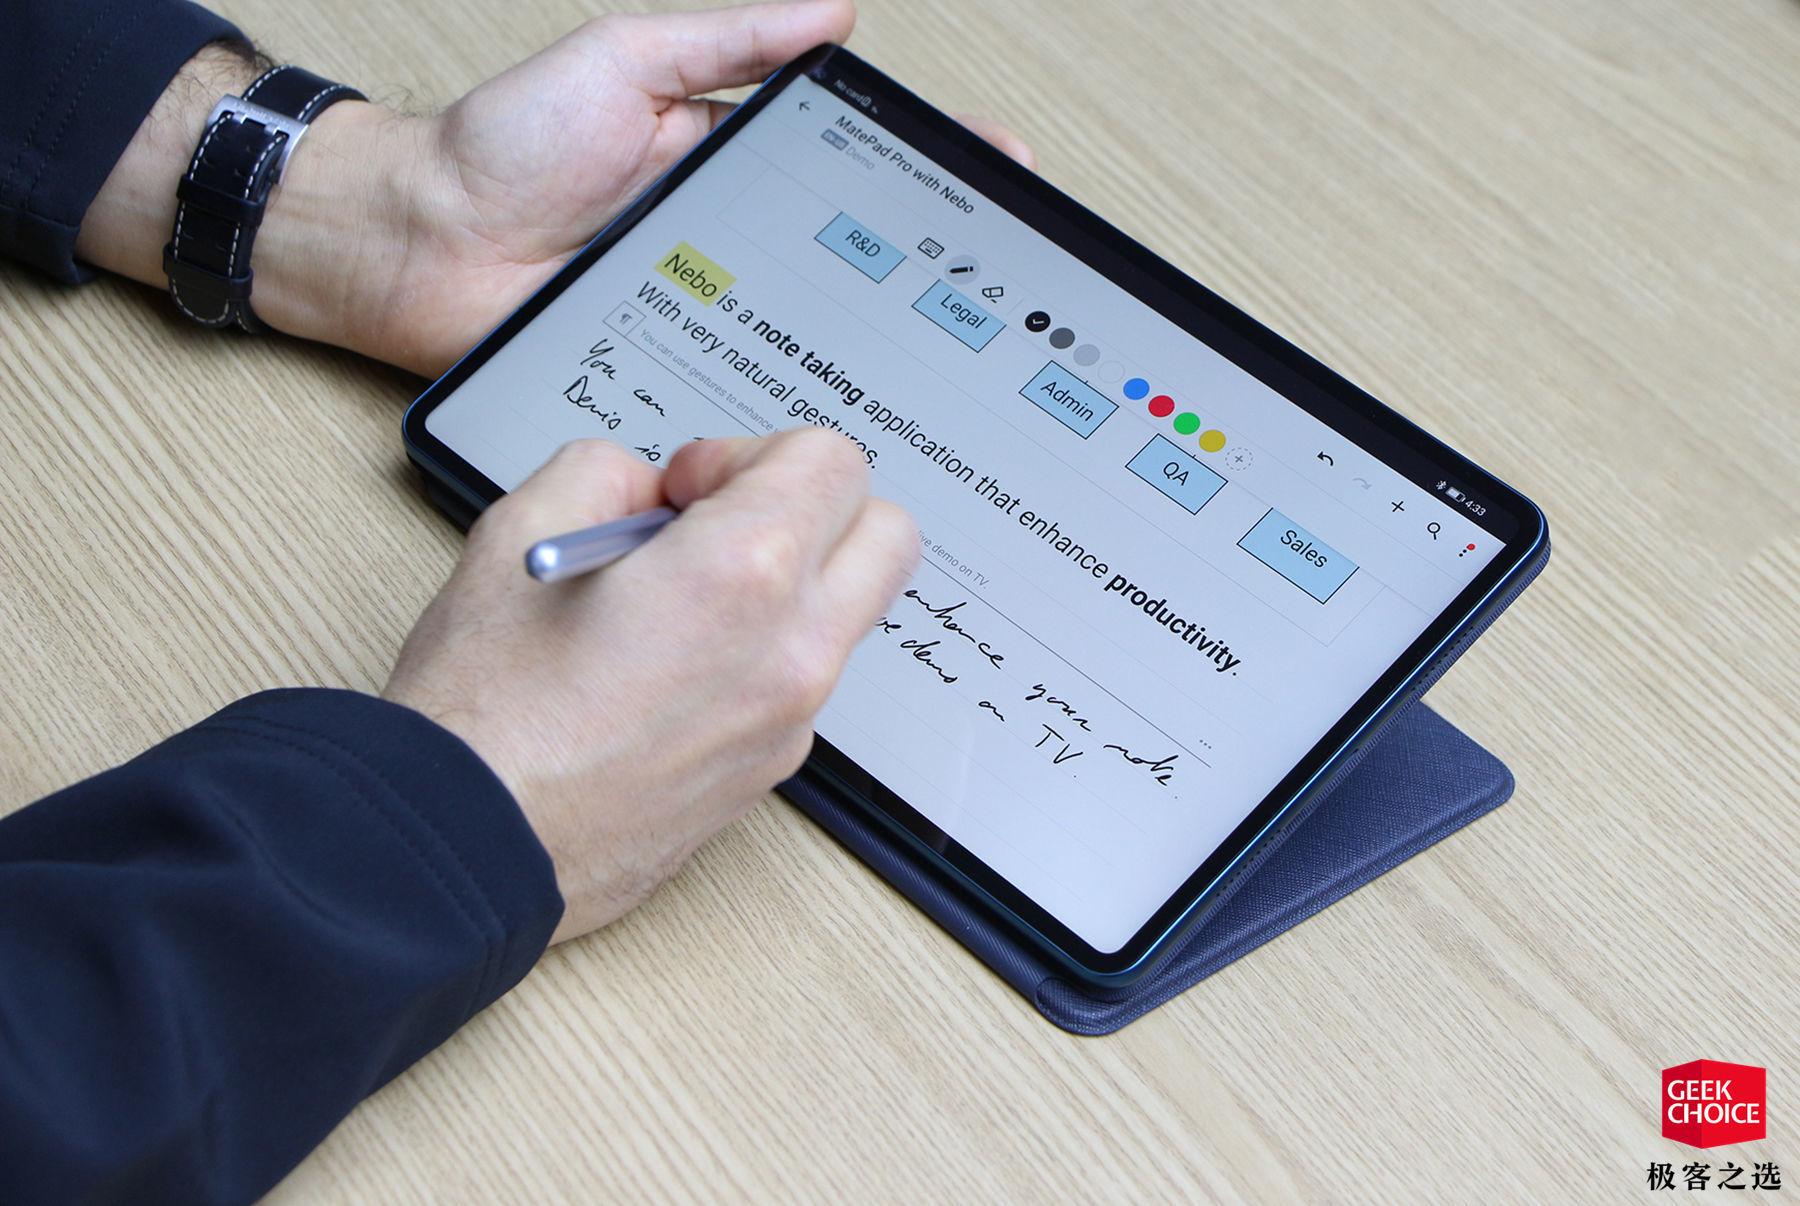 新品補給站|華為推出高端平板系列,能和iPadPro「叫板」嗎?